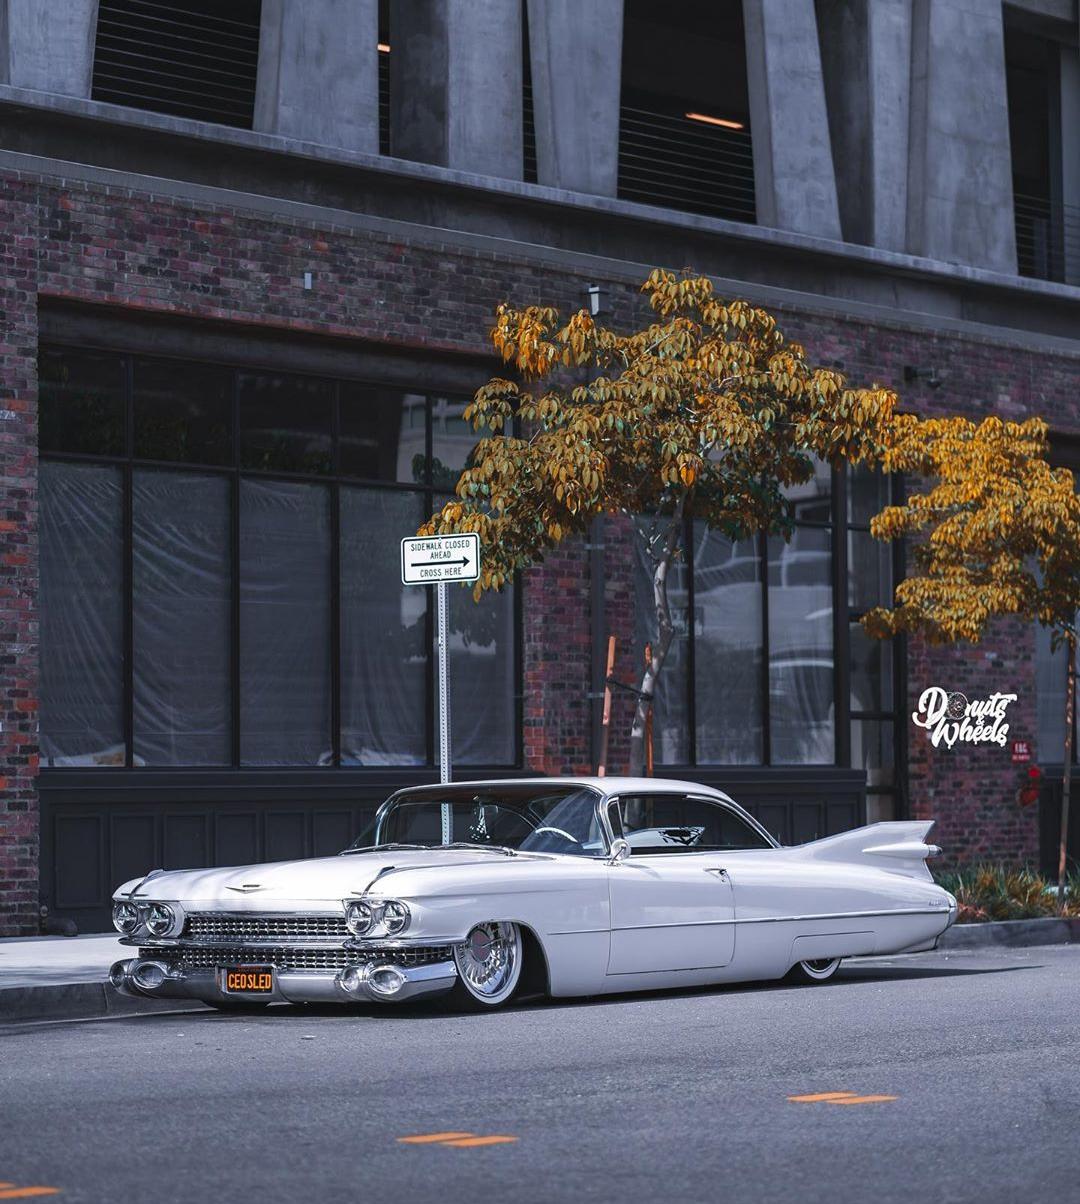 1959 Cadillac Coupe DeVille (@roccosdad)